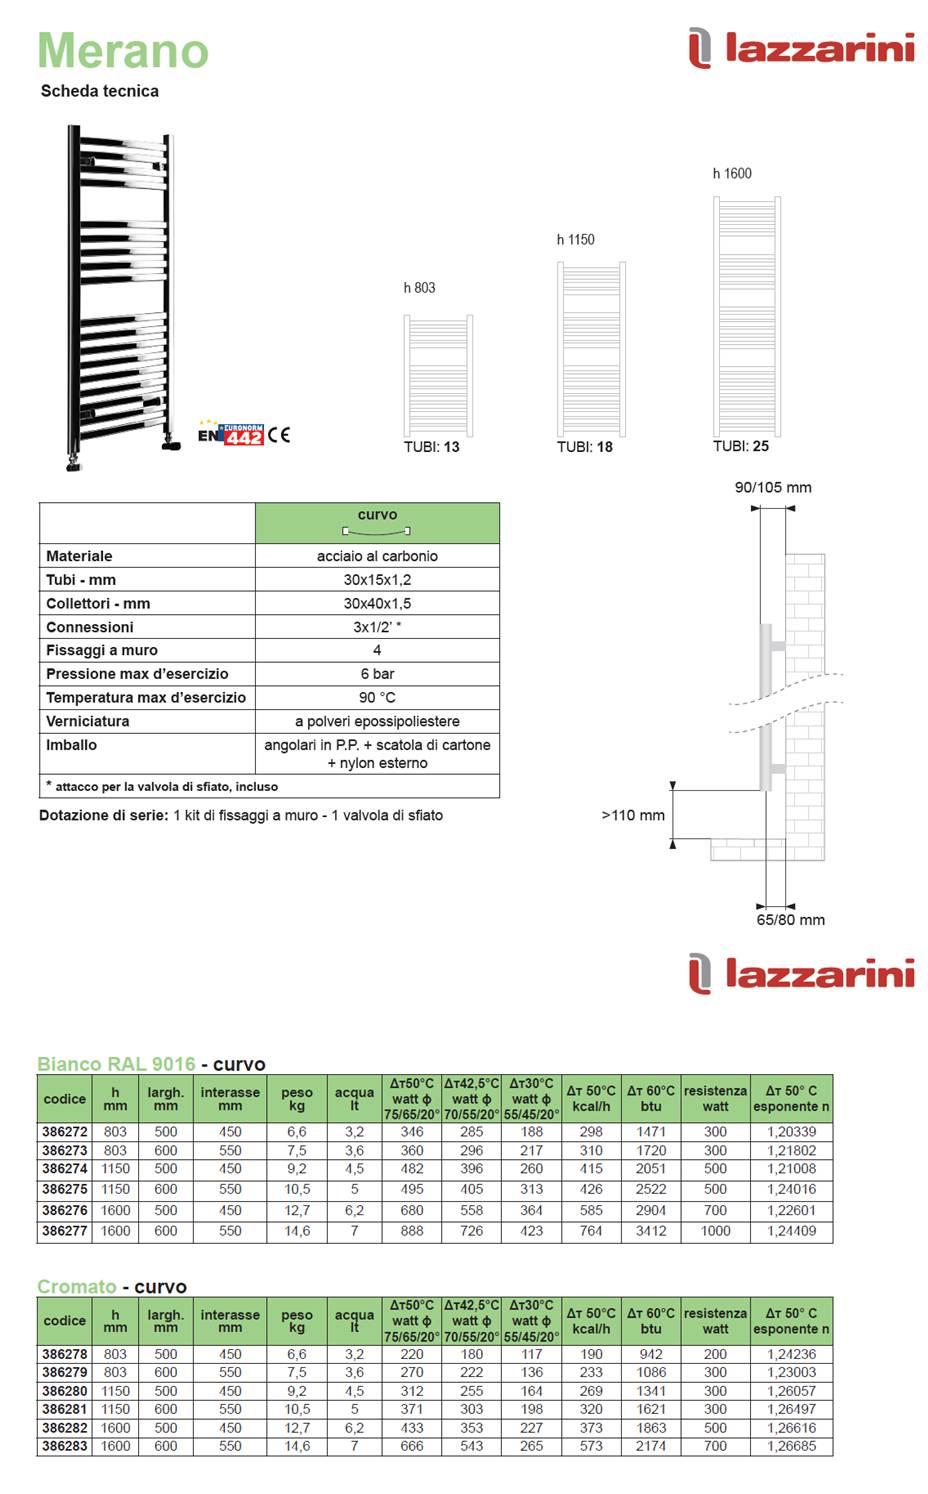 scheda_tecnica_merano_lazzarini